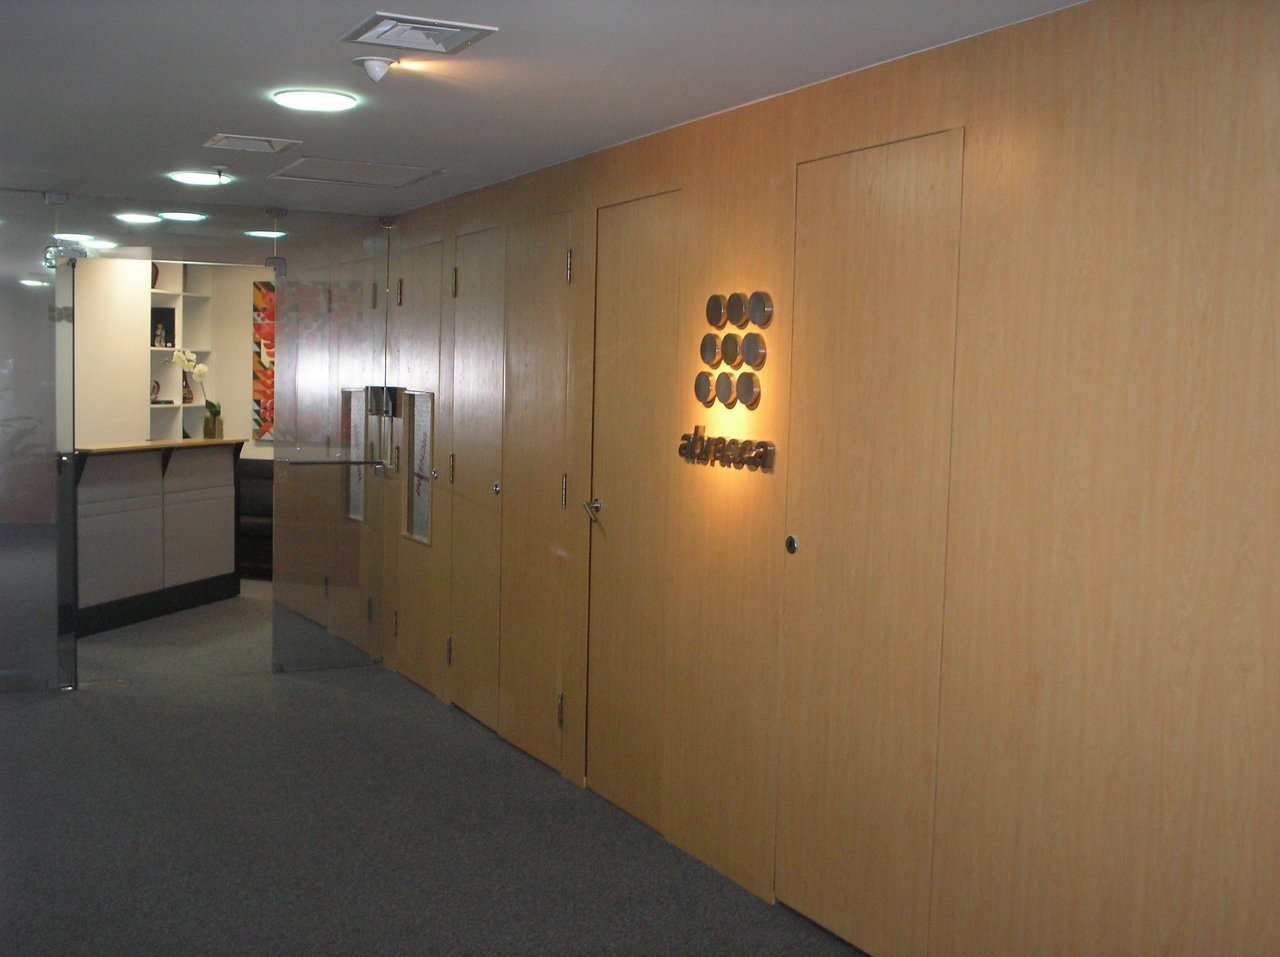 ABRASCA-RJ - Hall de elevadores